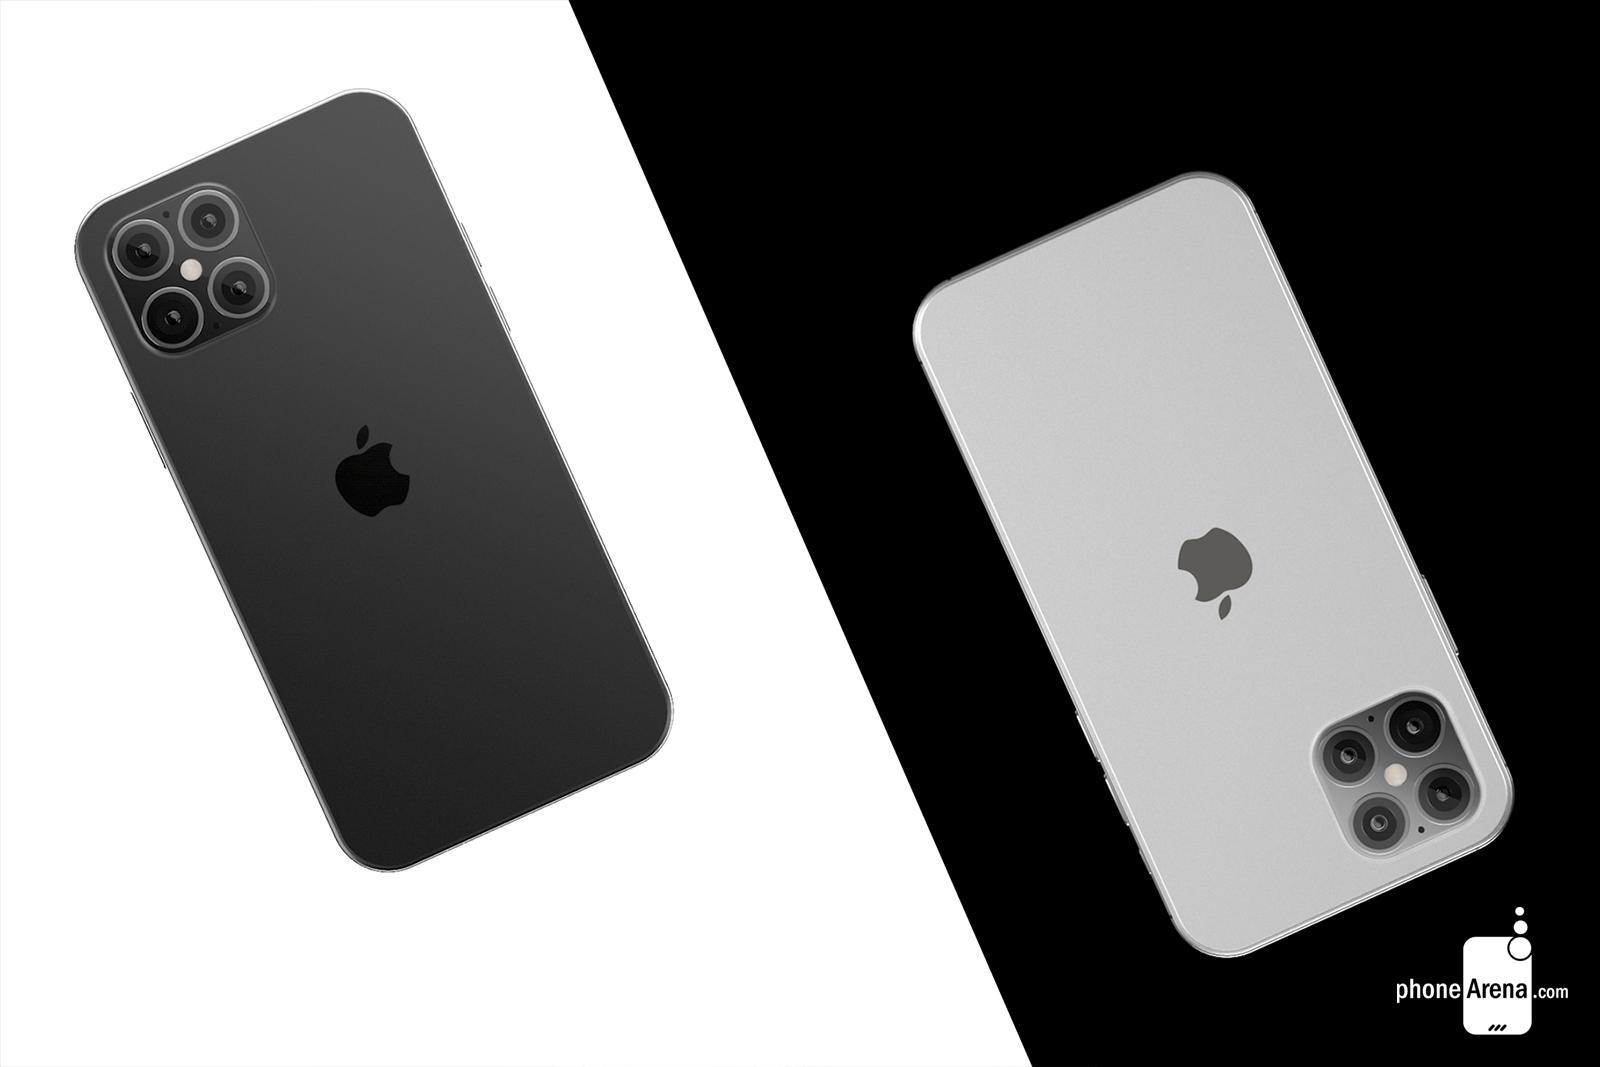 طراحی گوشی آینده اپل با ظاهر کلاسیک و مشابه آیفون ۴ + تصاویر